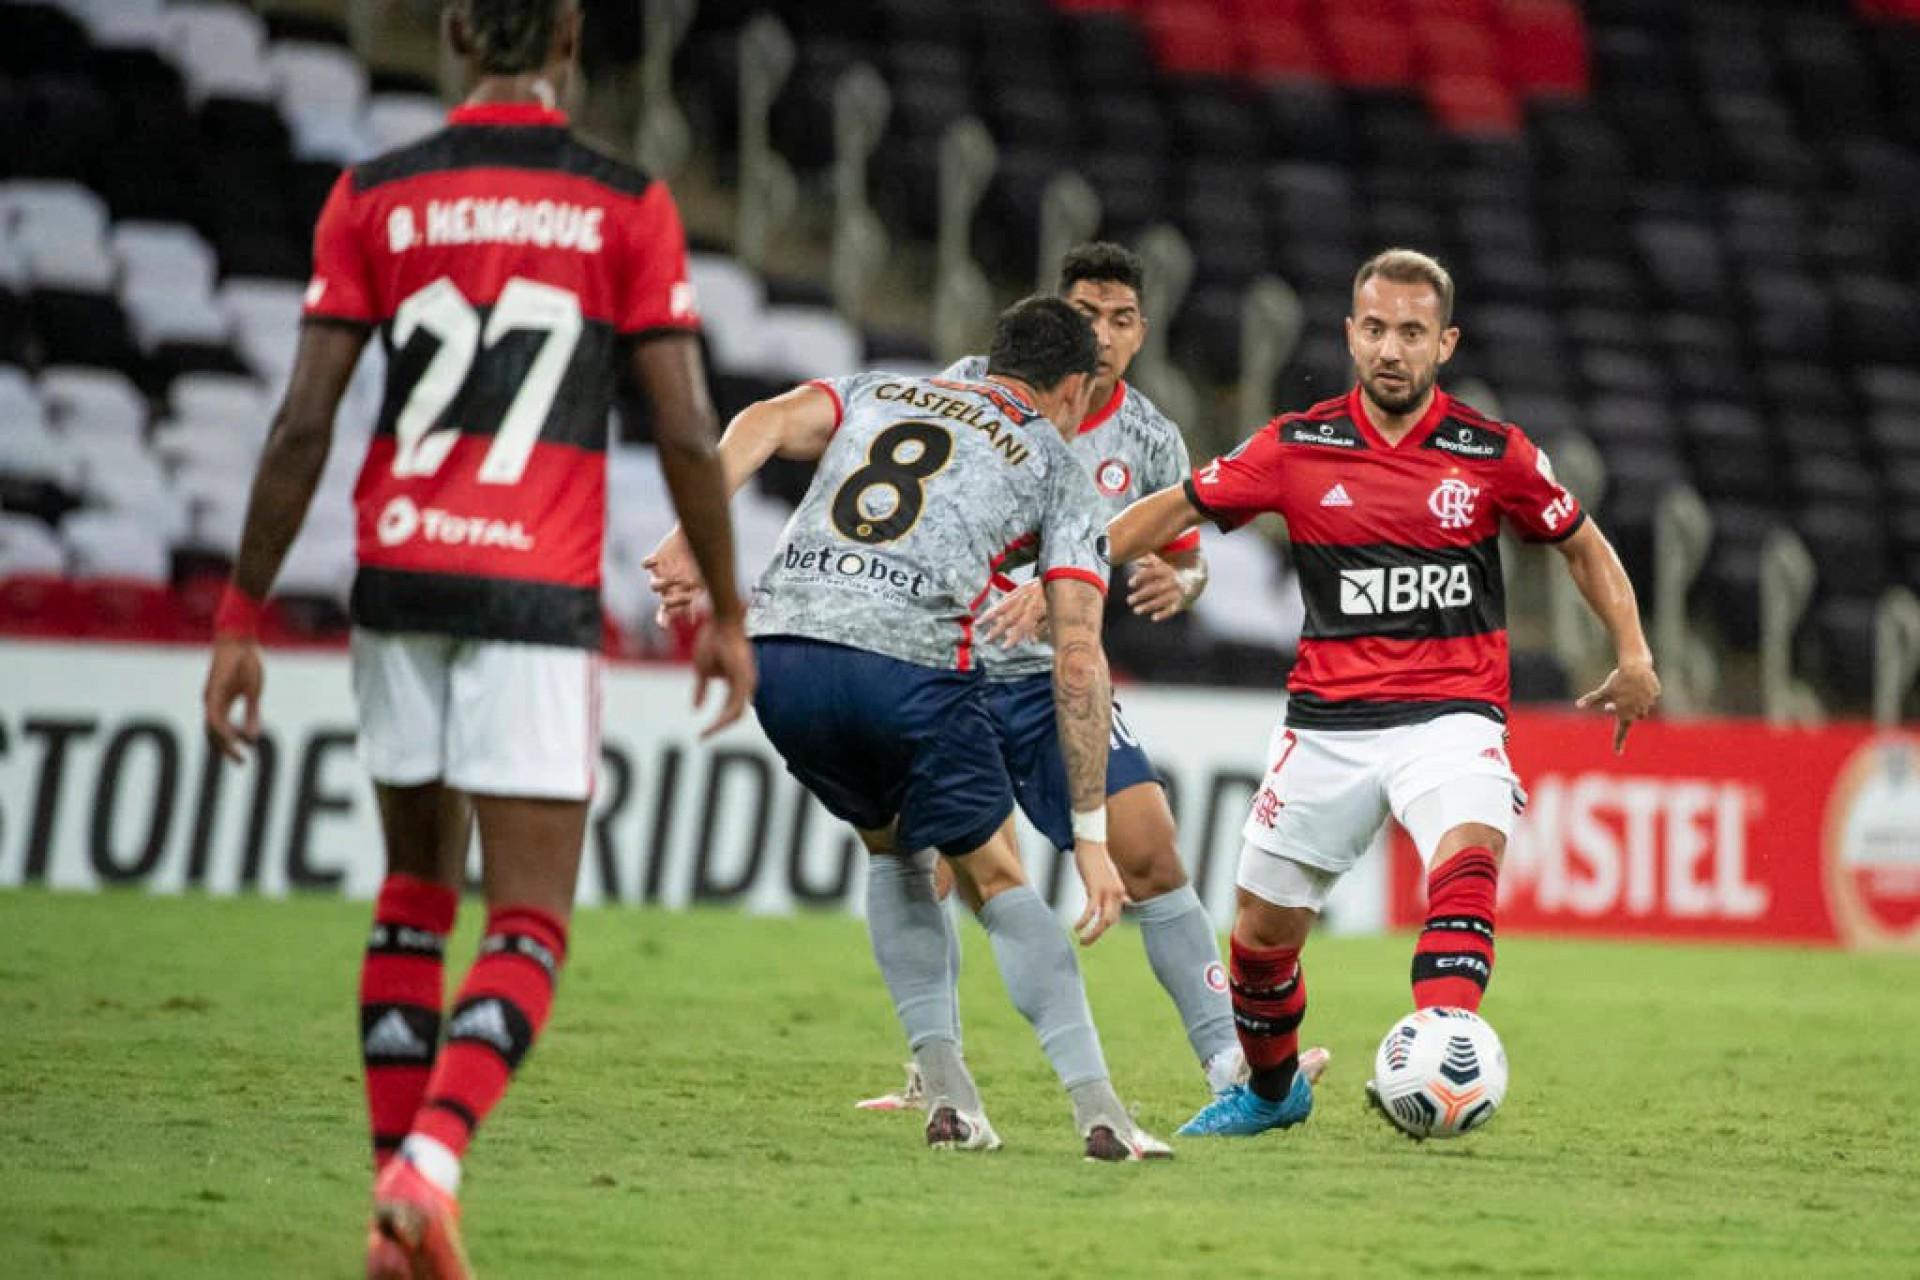 Flamengo X Velez Sarsfield Ao Vivo Onde Assistir A Transmissao E Horario Futebol Esportes O Povo